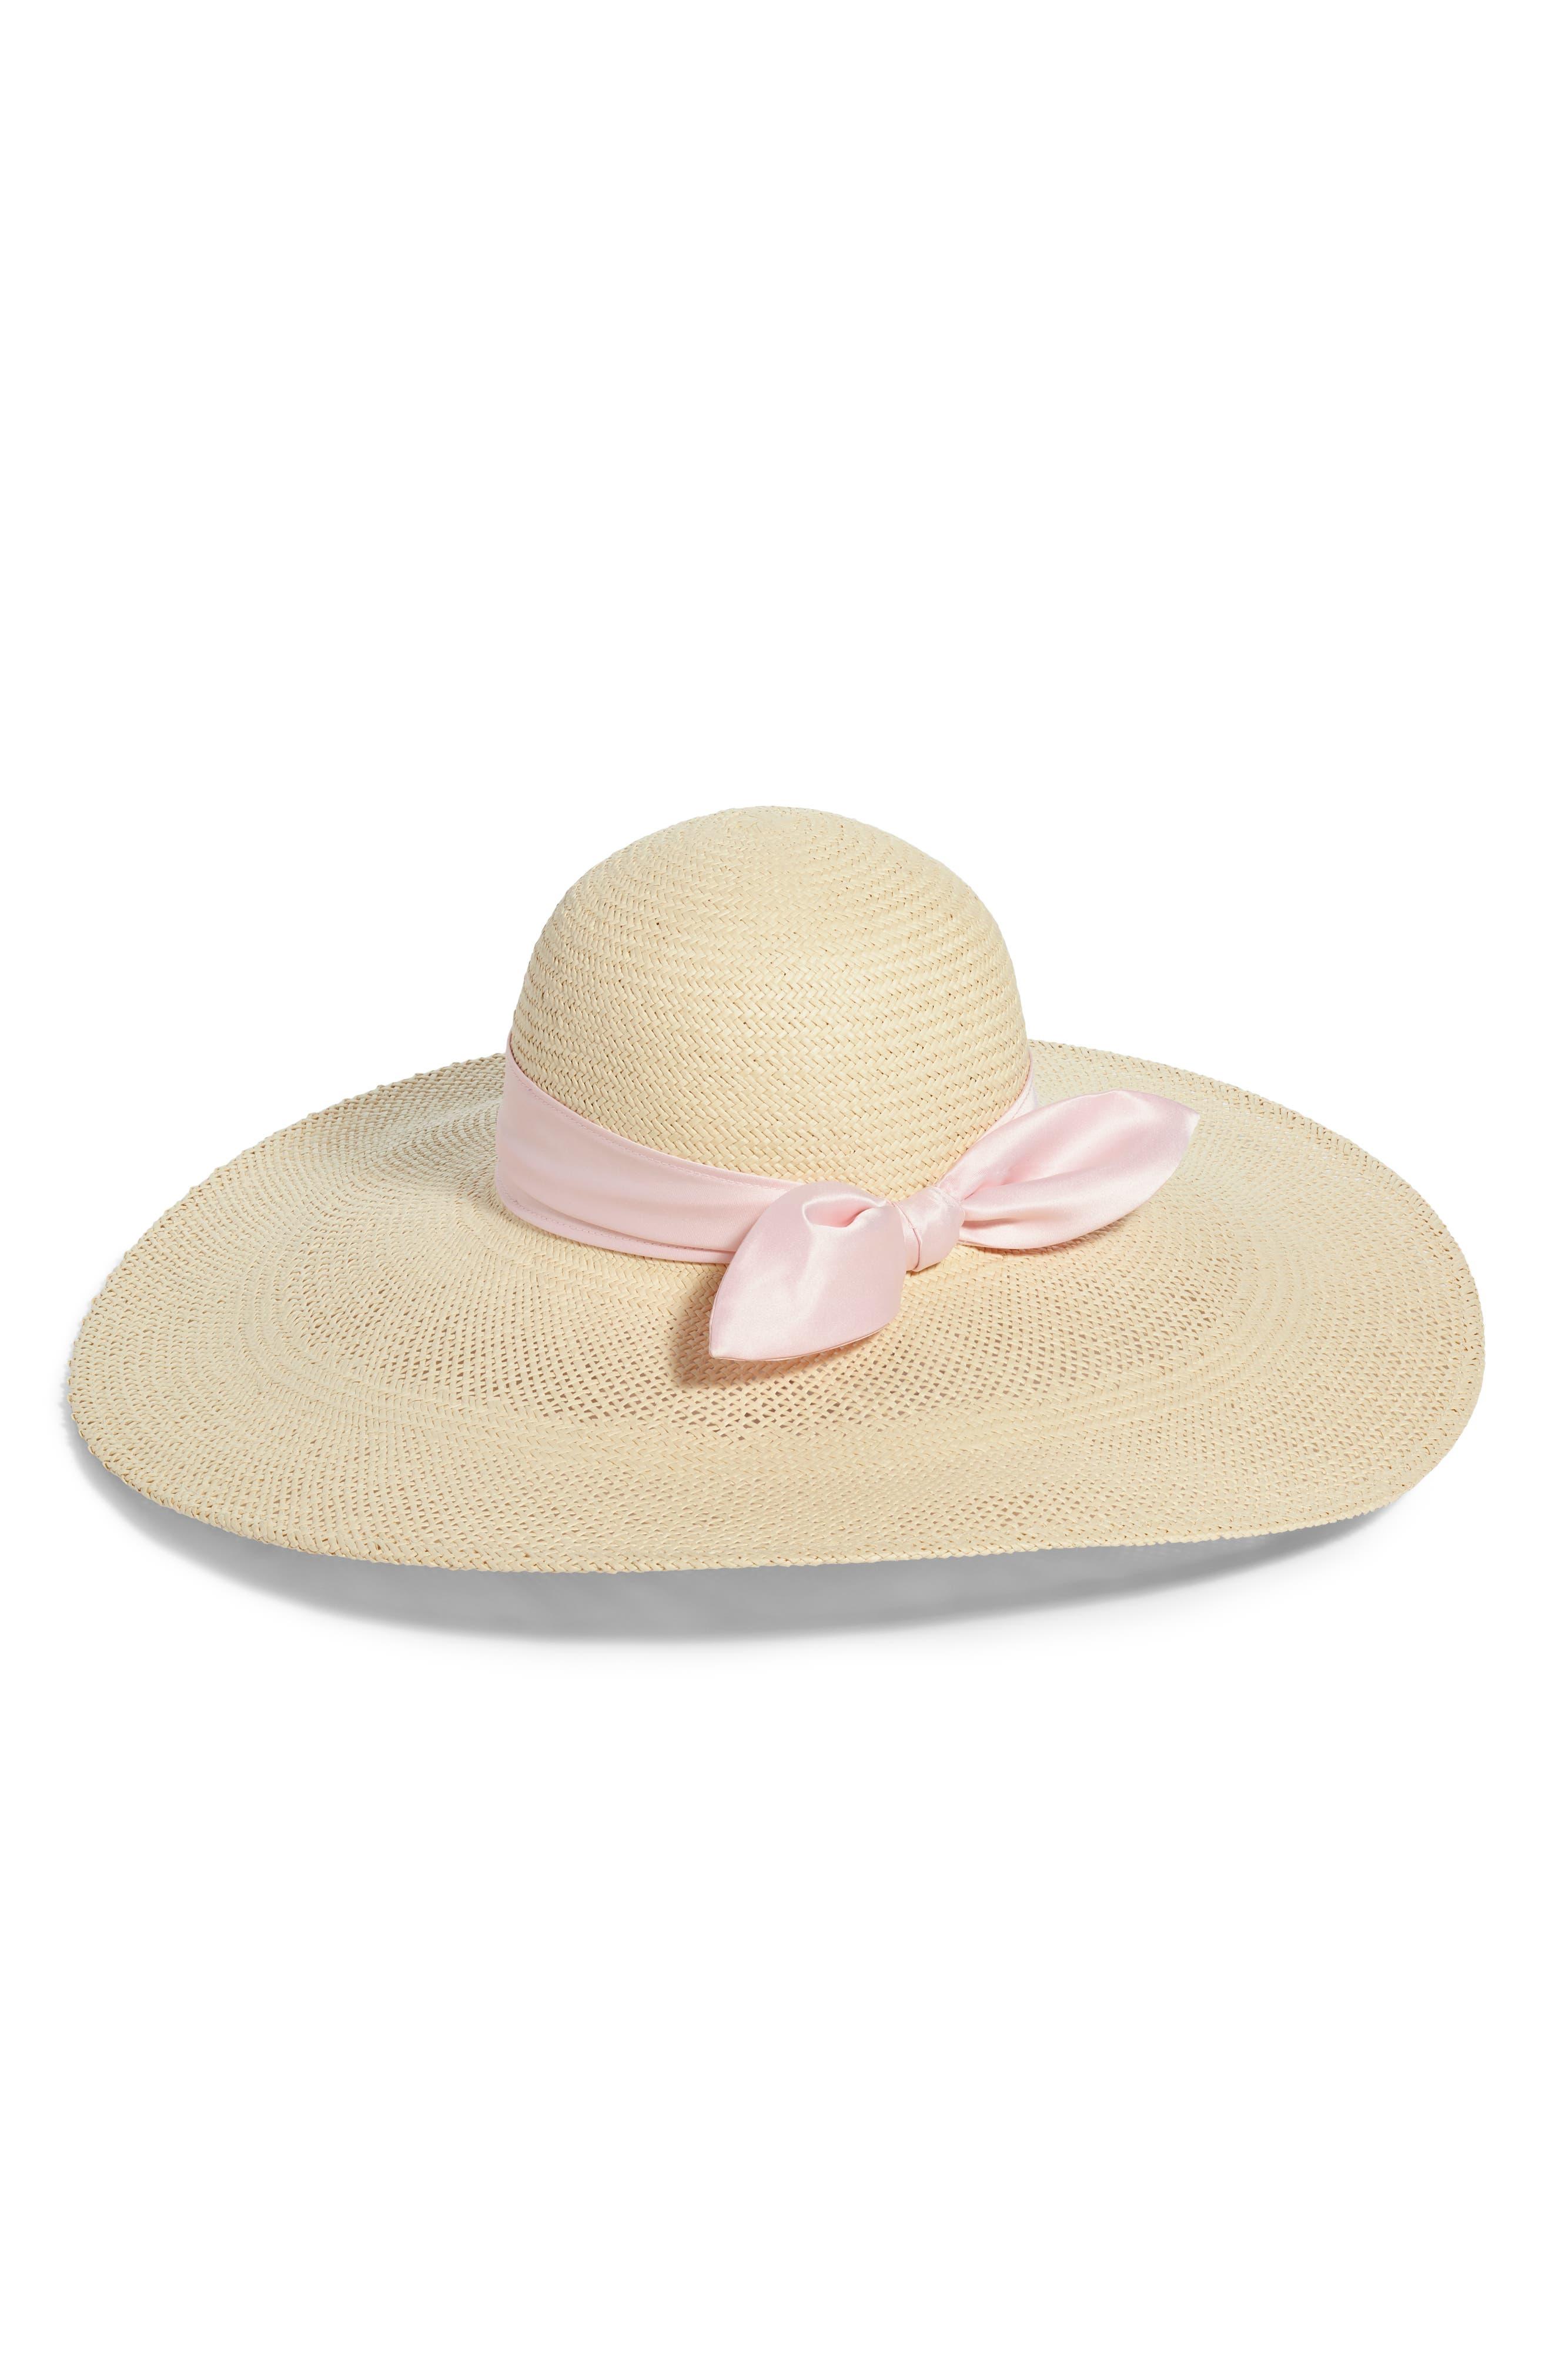 RACHEL PARCELL, Large Brim Straw Hat, Main thumbnail 1, color, BEIGE LIGHT COMBO